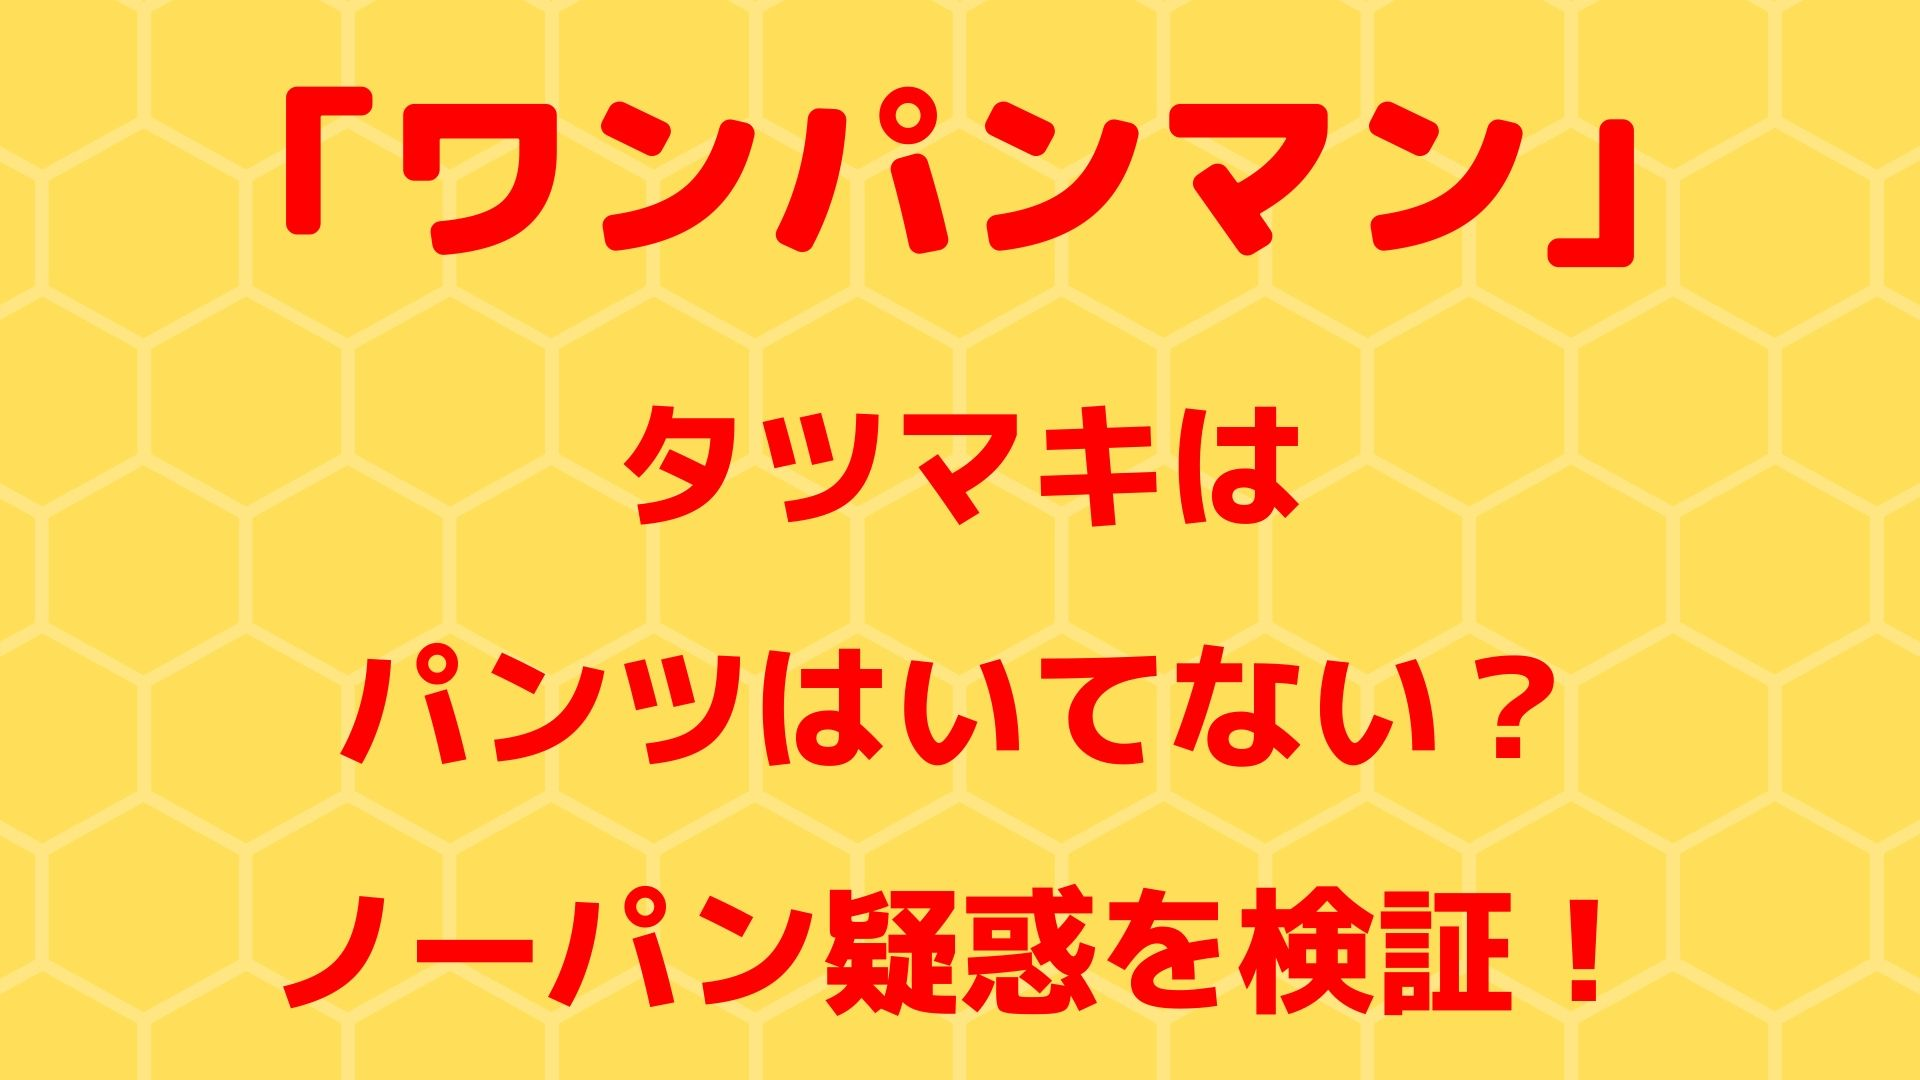 【ワンパンマン】タツマキのノーパン疑惑を検証!パンツ論争に結論!